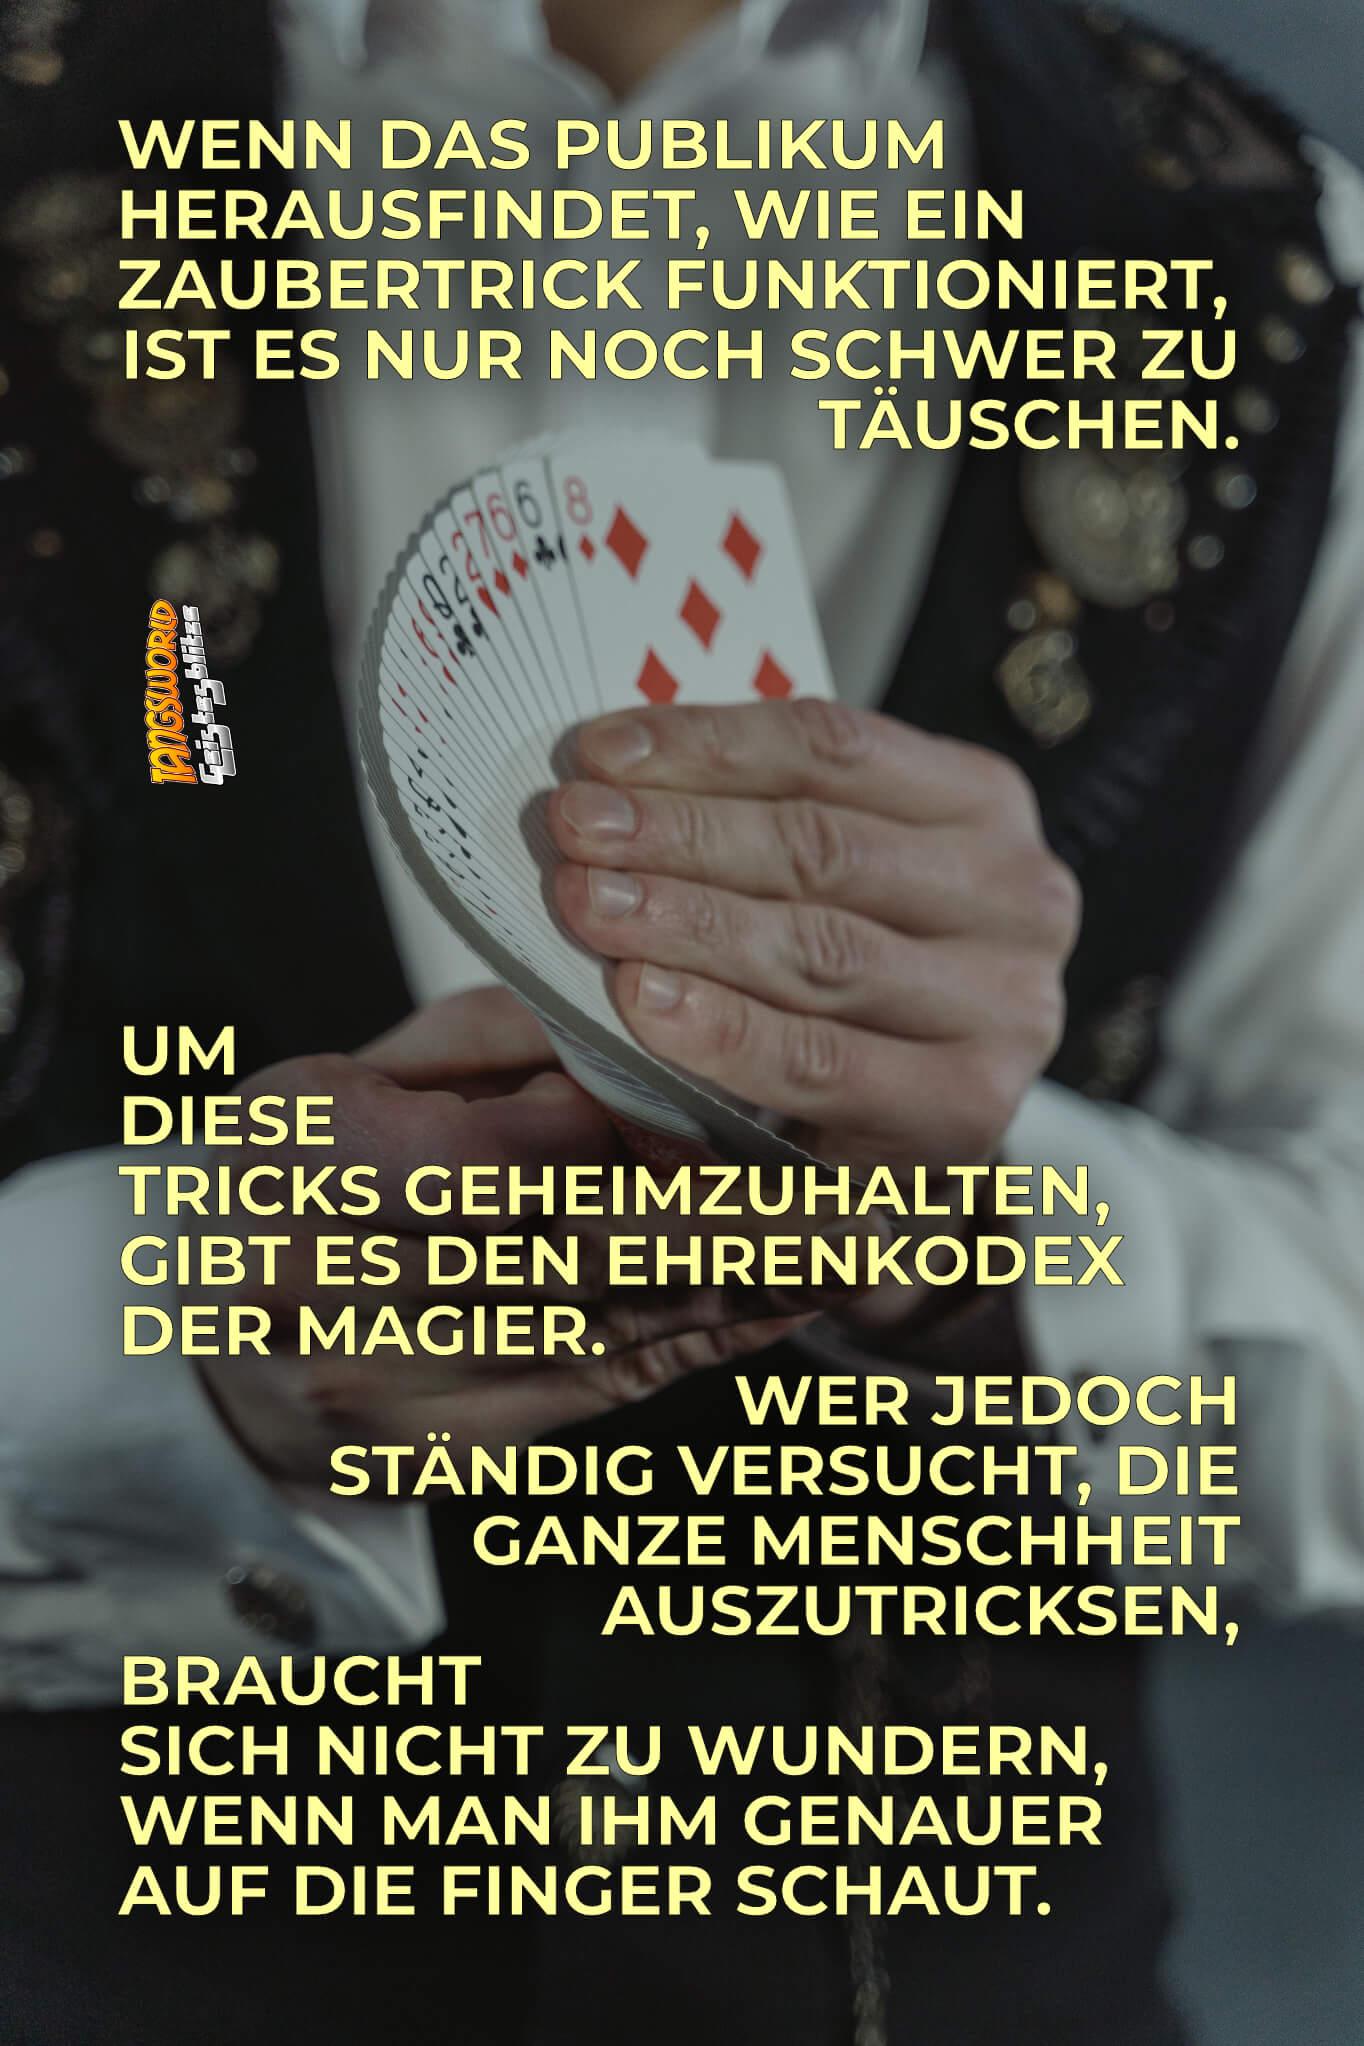 Wenn das Publikum herausfindet, wie ein Zaubertrick funktioniert, ist es nur noch schwer zu täuschen. Um diese Tricks geheimzuhalten, gibt es den Ehrenkodex der Magier. Wer jedoch ständig versucht, die ganze Menschheit auszutricksen, braucht sich nicht zu wundern, wenn man ihm genauer auf die Finger schaut. - Geistesblitze